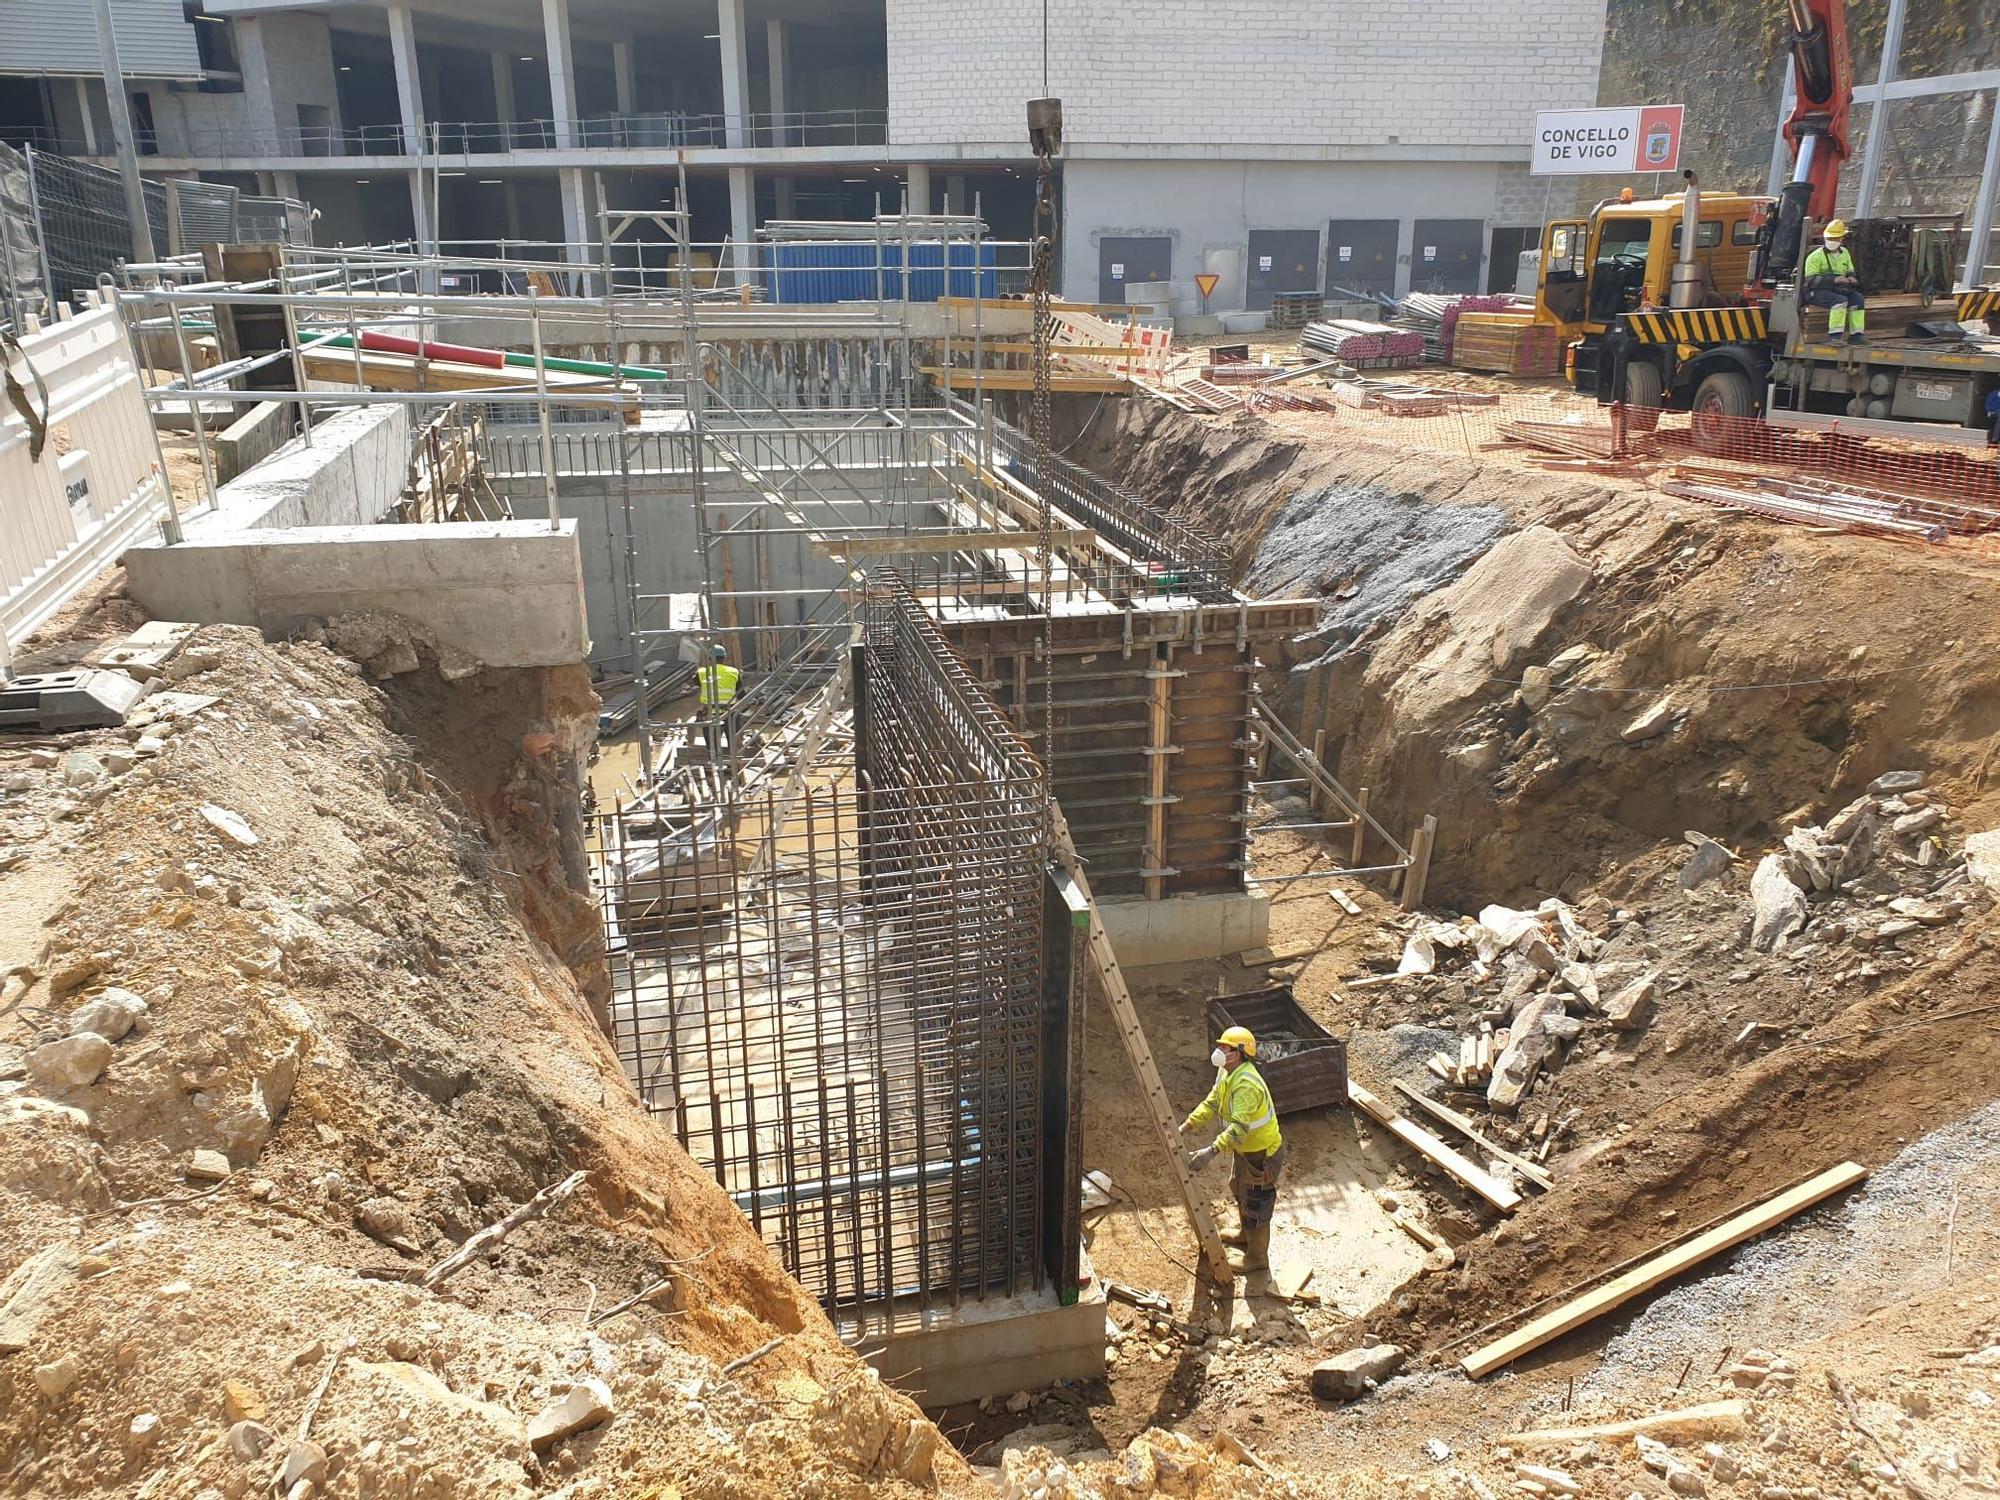 Visita a las obras de la nueva estación de autobuses de Vigo